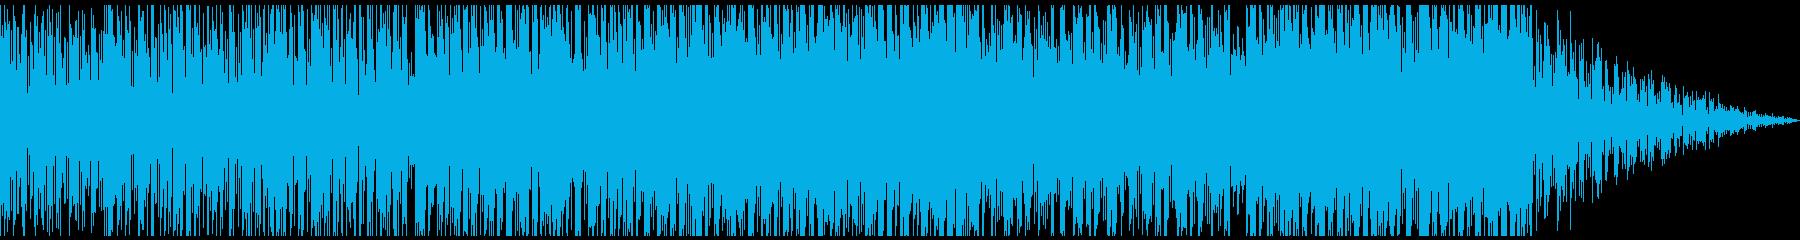 テクノ ハードコア テクノロジー ...の再生済みの波形